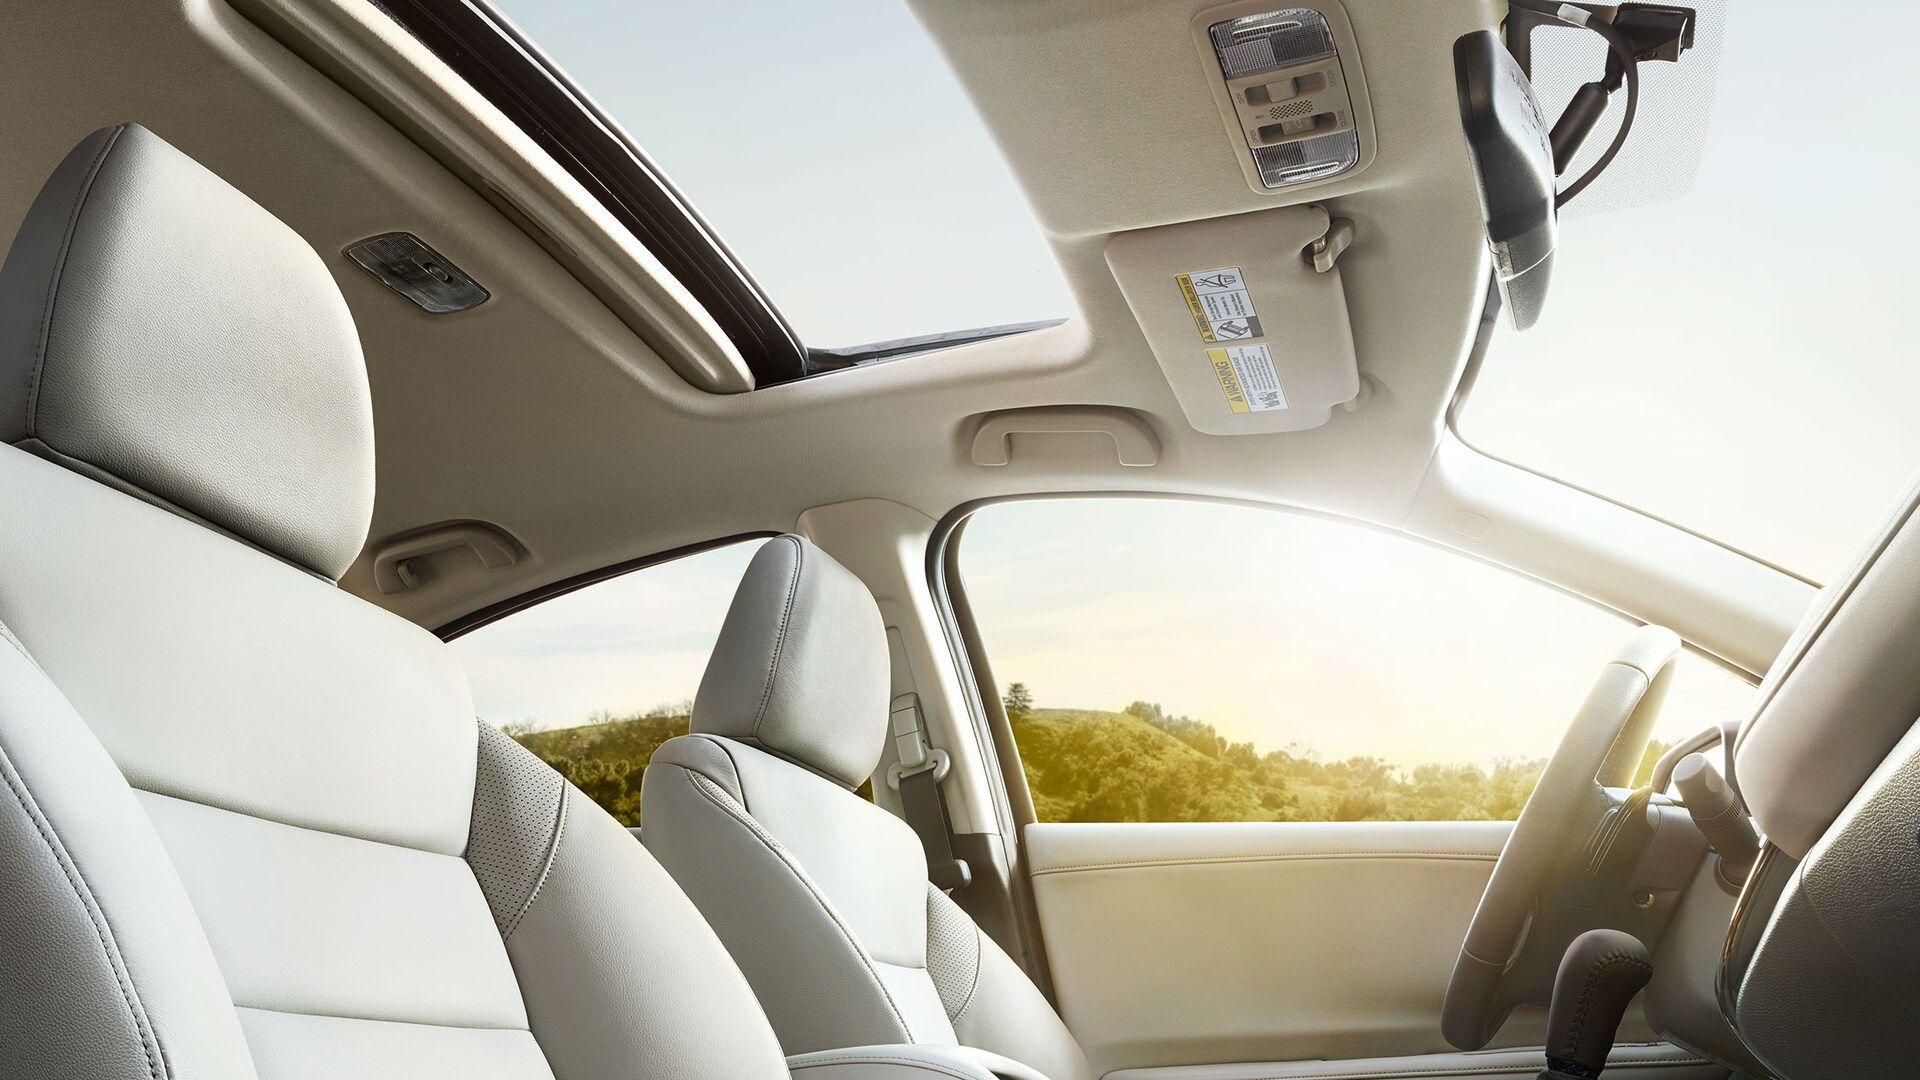 New 2020 Honda HR-V EX Trim and Features